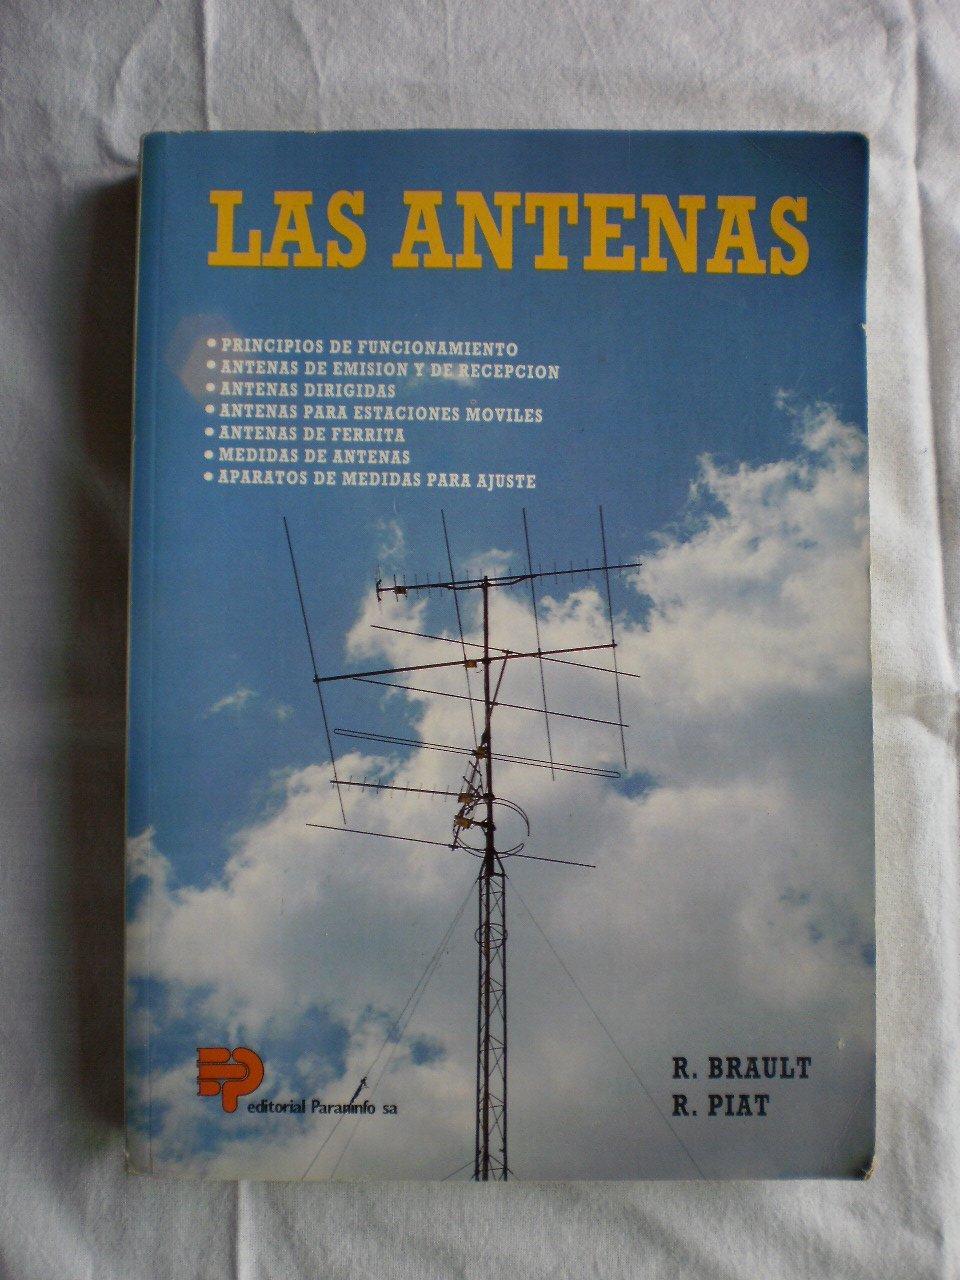 Las antenas: Amazon.es: Brault, R.: Libros